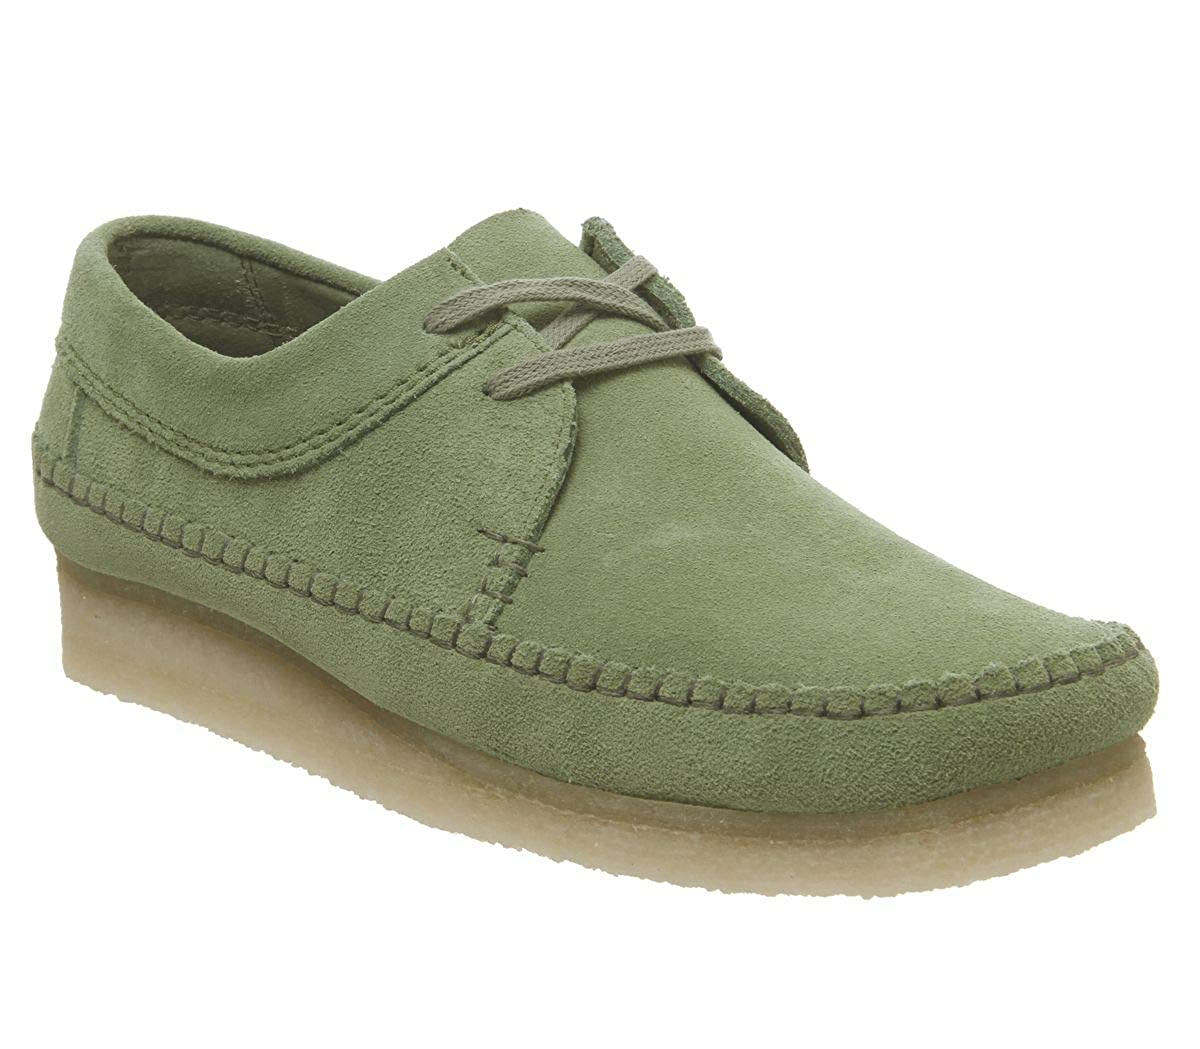 TALLA 42 EU. Clarks Weaver, Zapatos de Vestir para Hombre